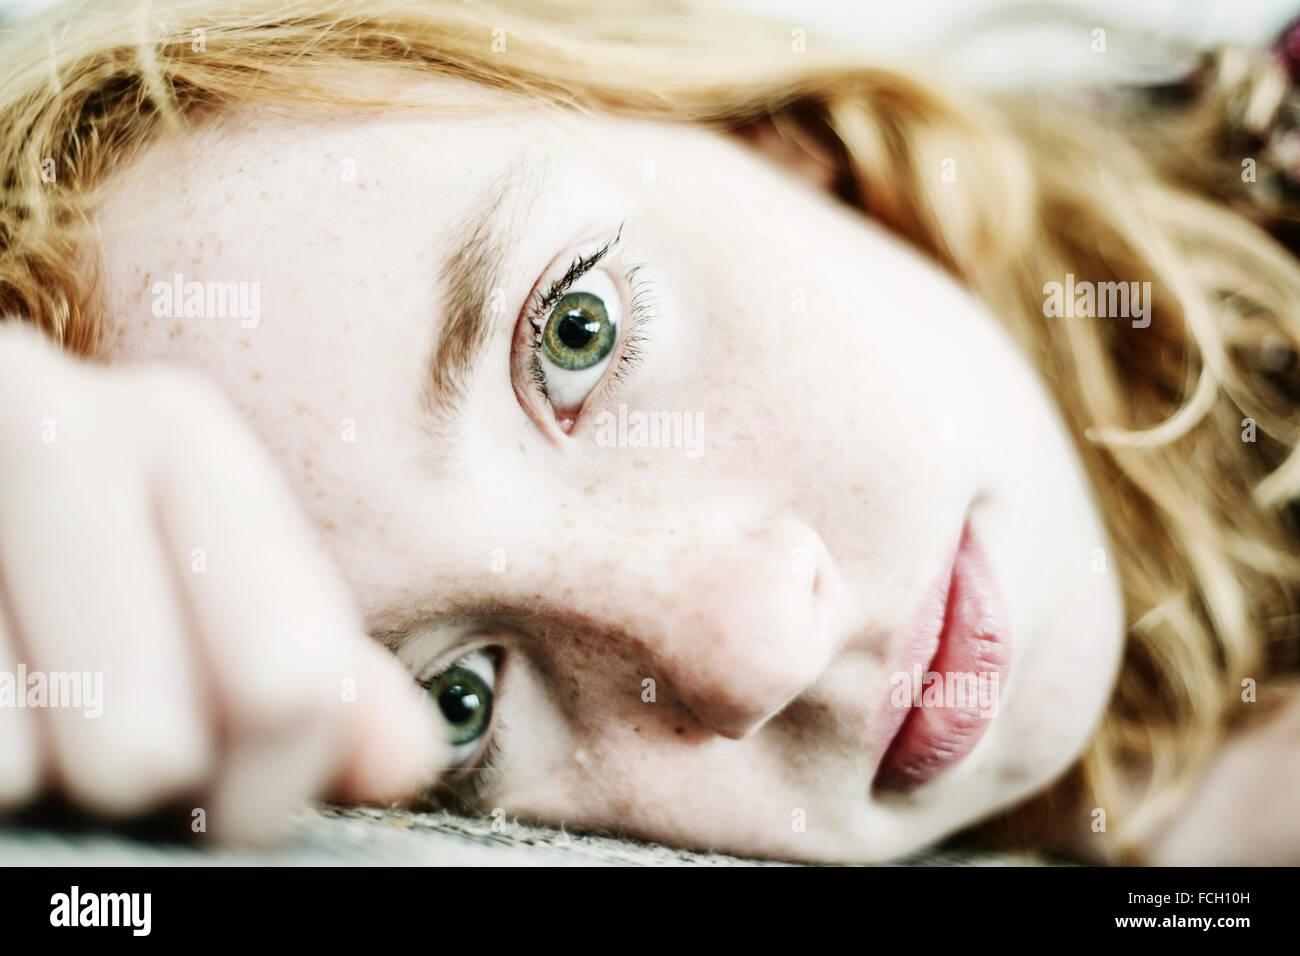 Portrait de jeune fille de rousseur et les yeux verts Photo Stock